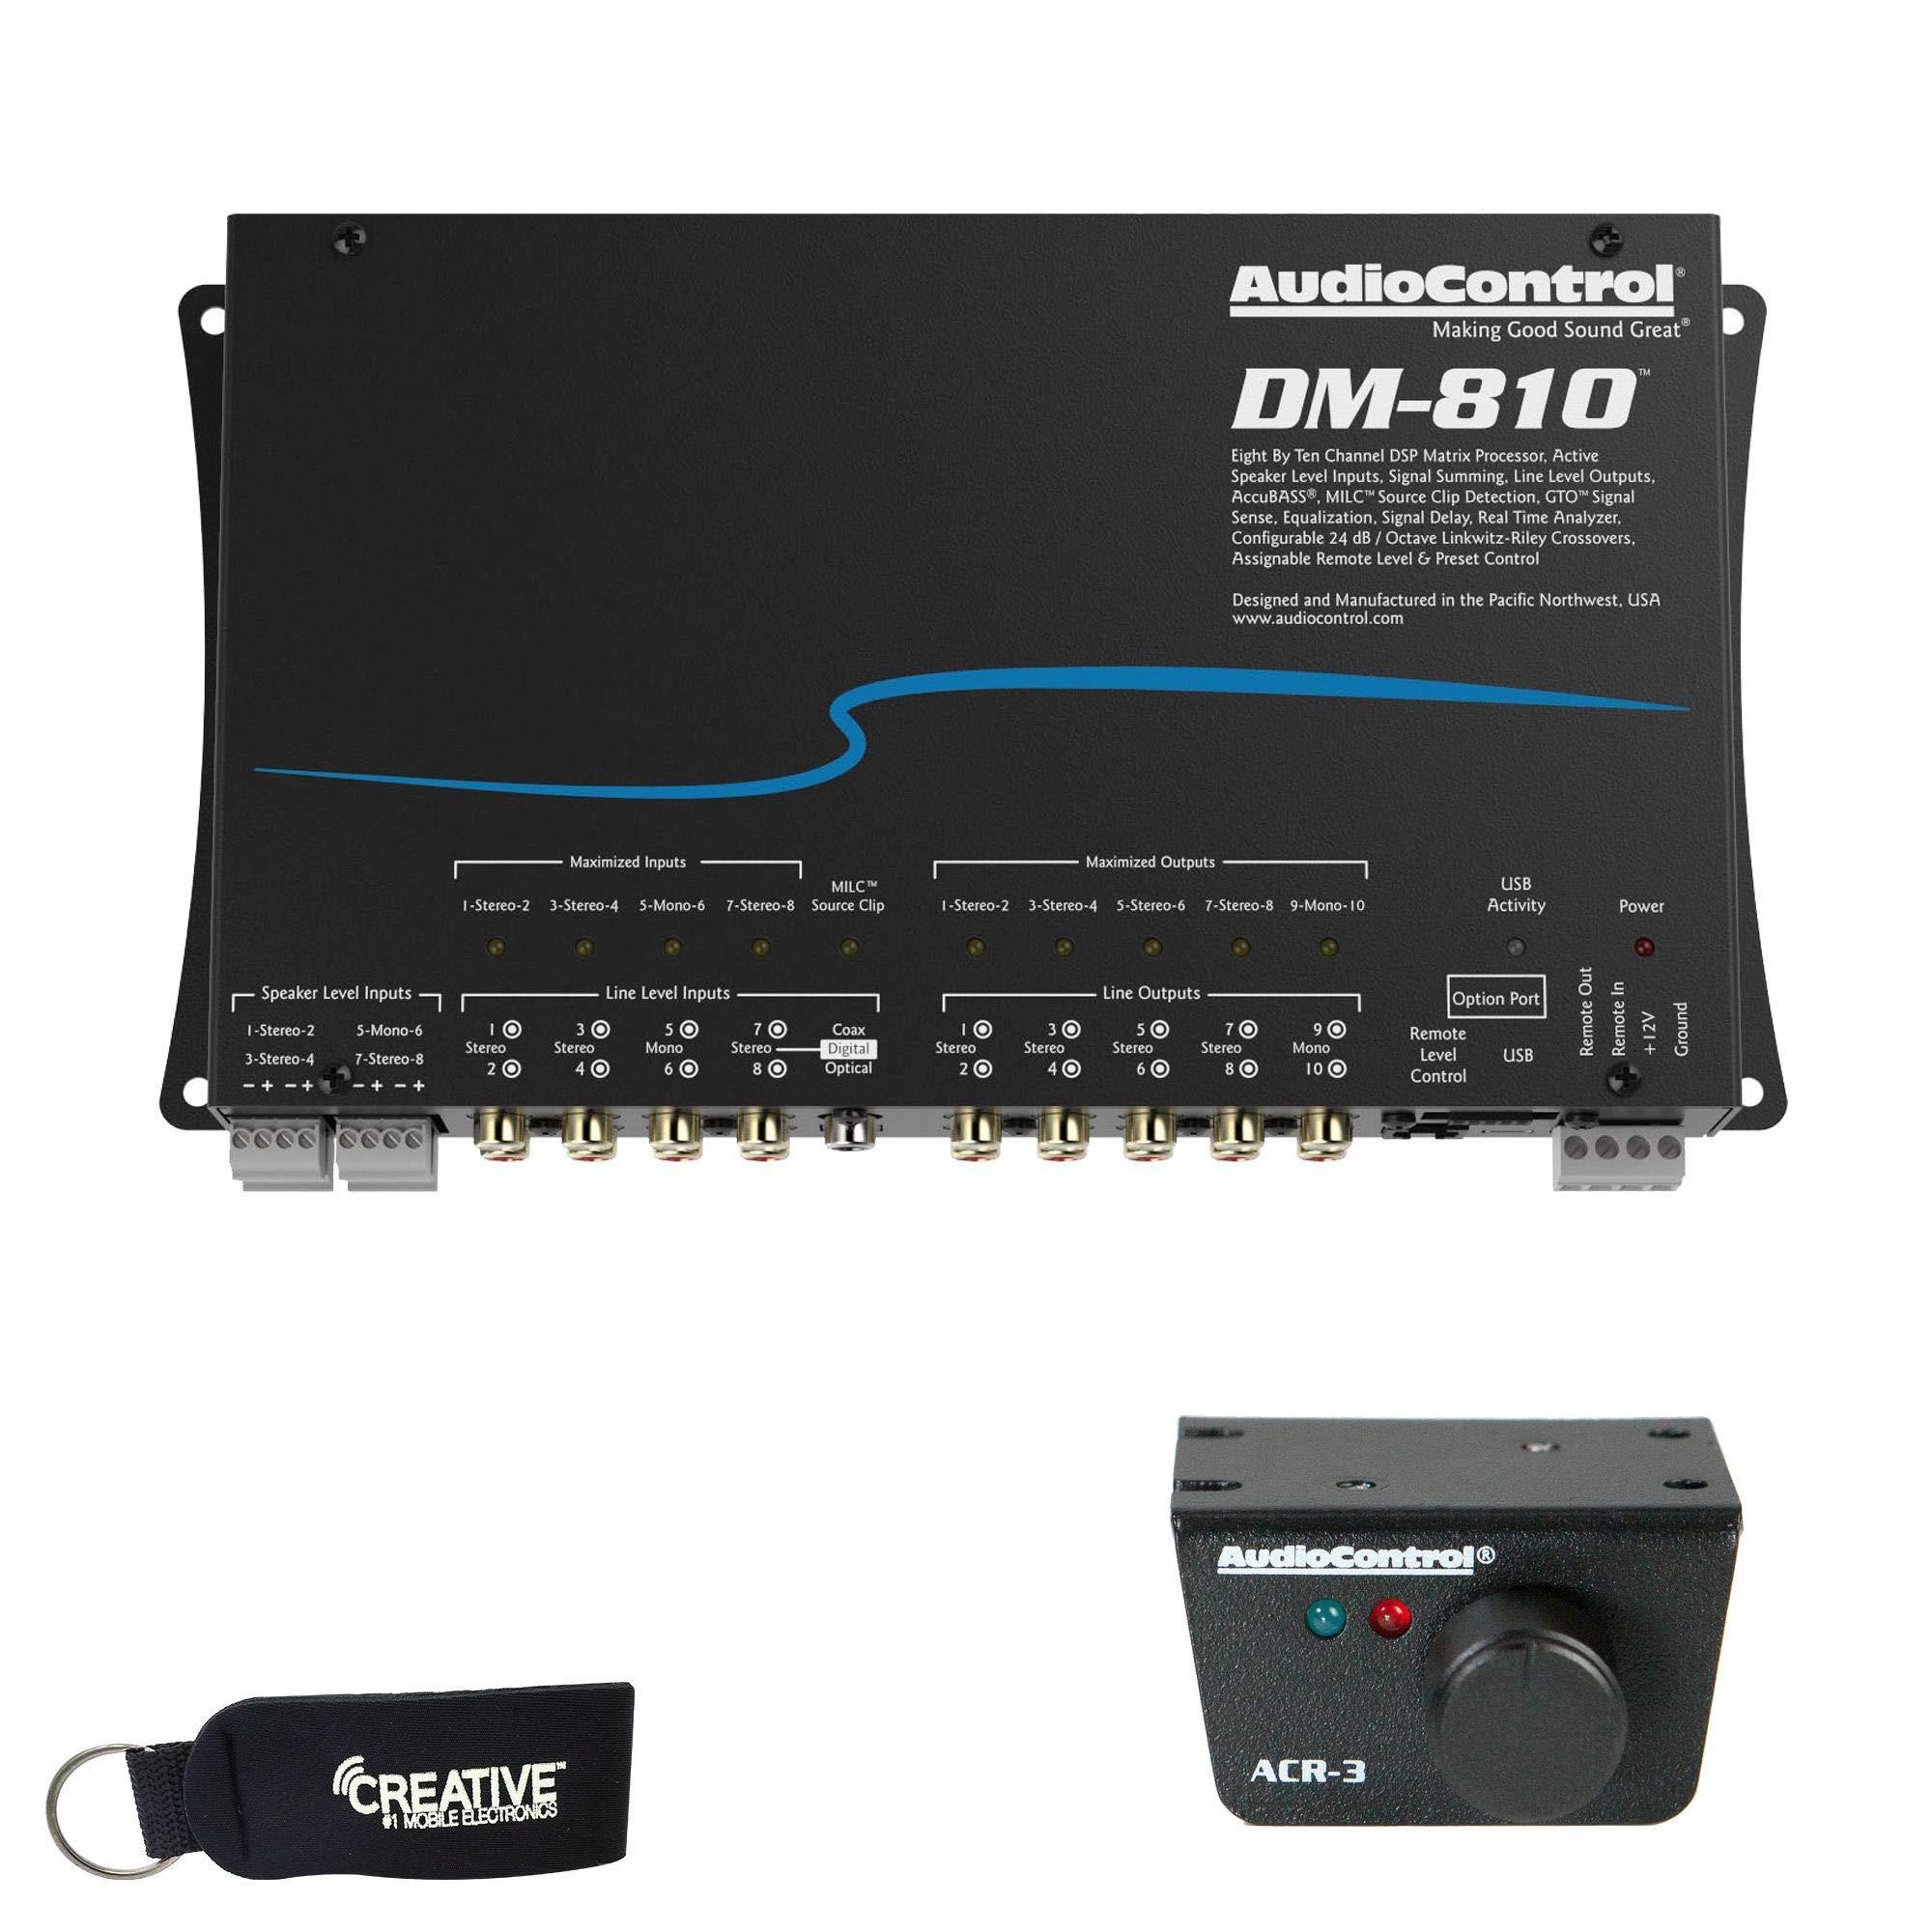 AudioControl DM-810 Premium 8 Input 10 Output DSP Matrix Processor, ACR-3 Dash Remote by AudioControl (Image #1)